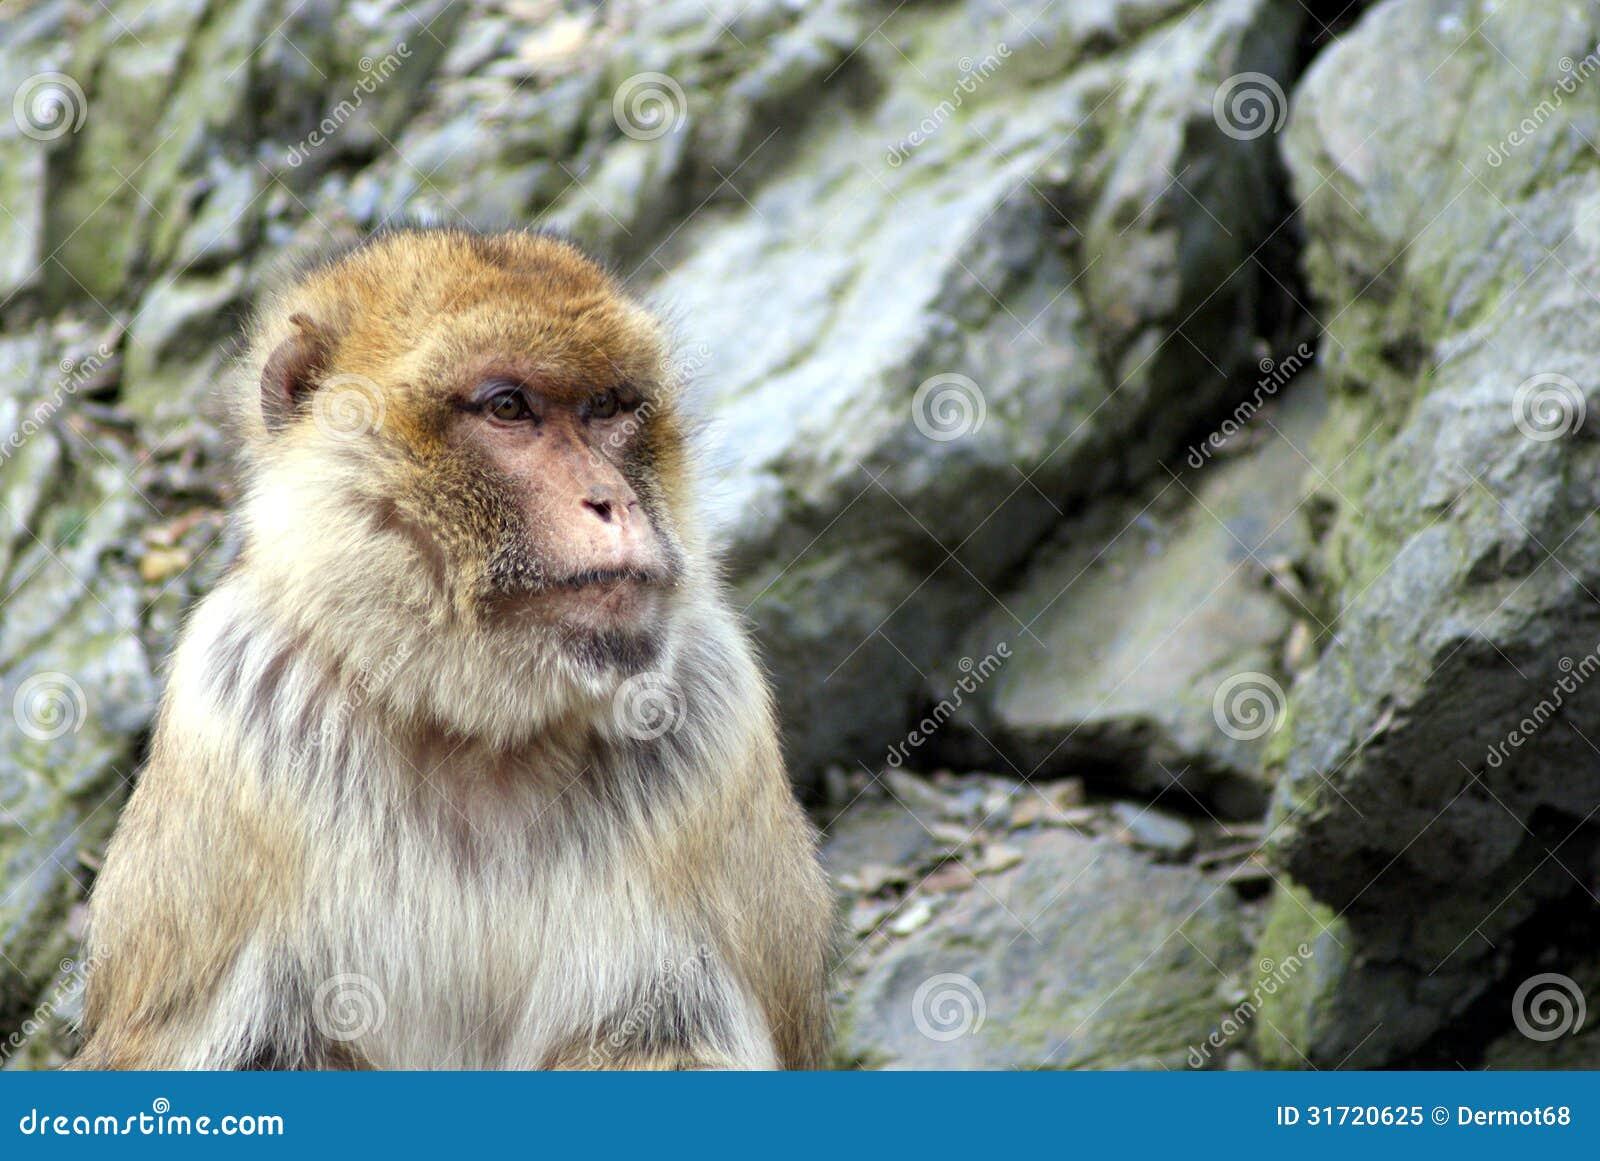 K Kutta Monkey Walk Download Man Sit To Look Monkey...